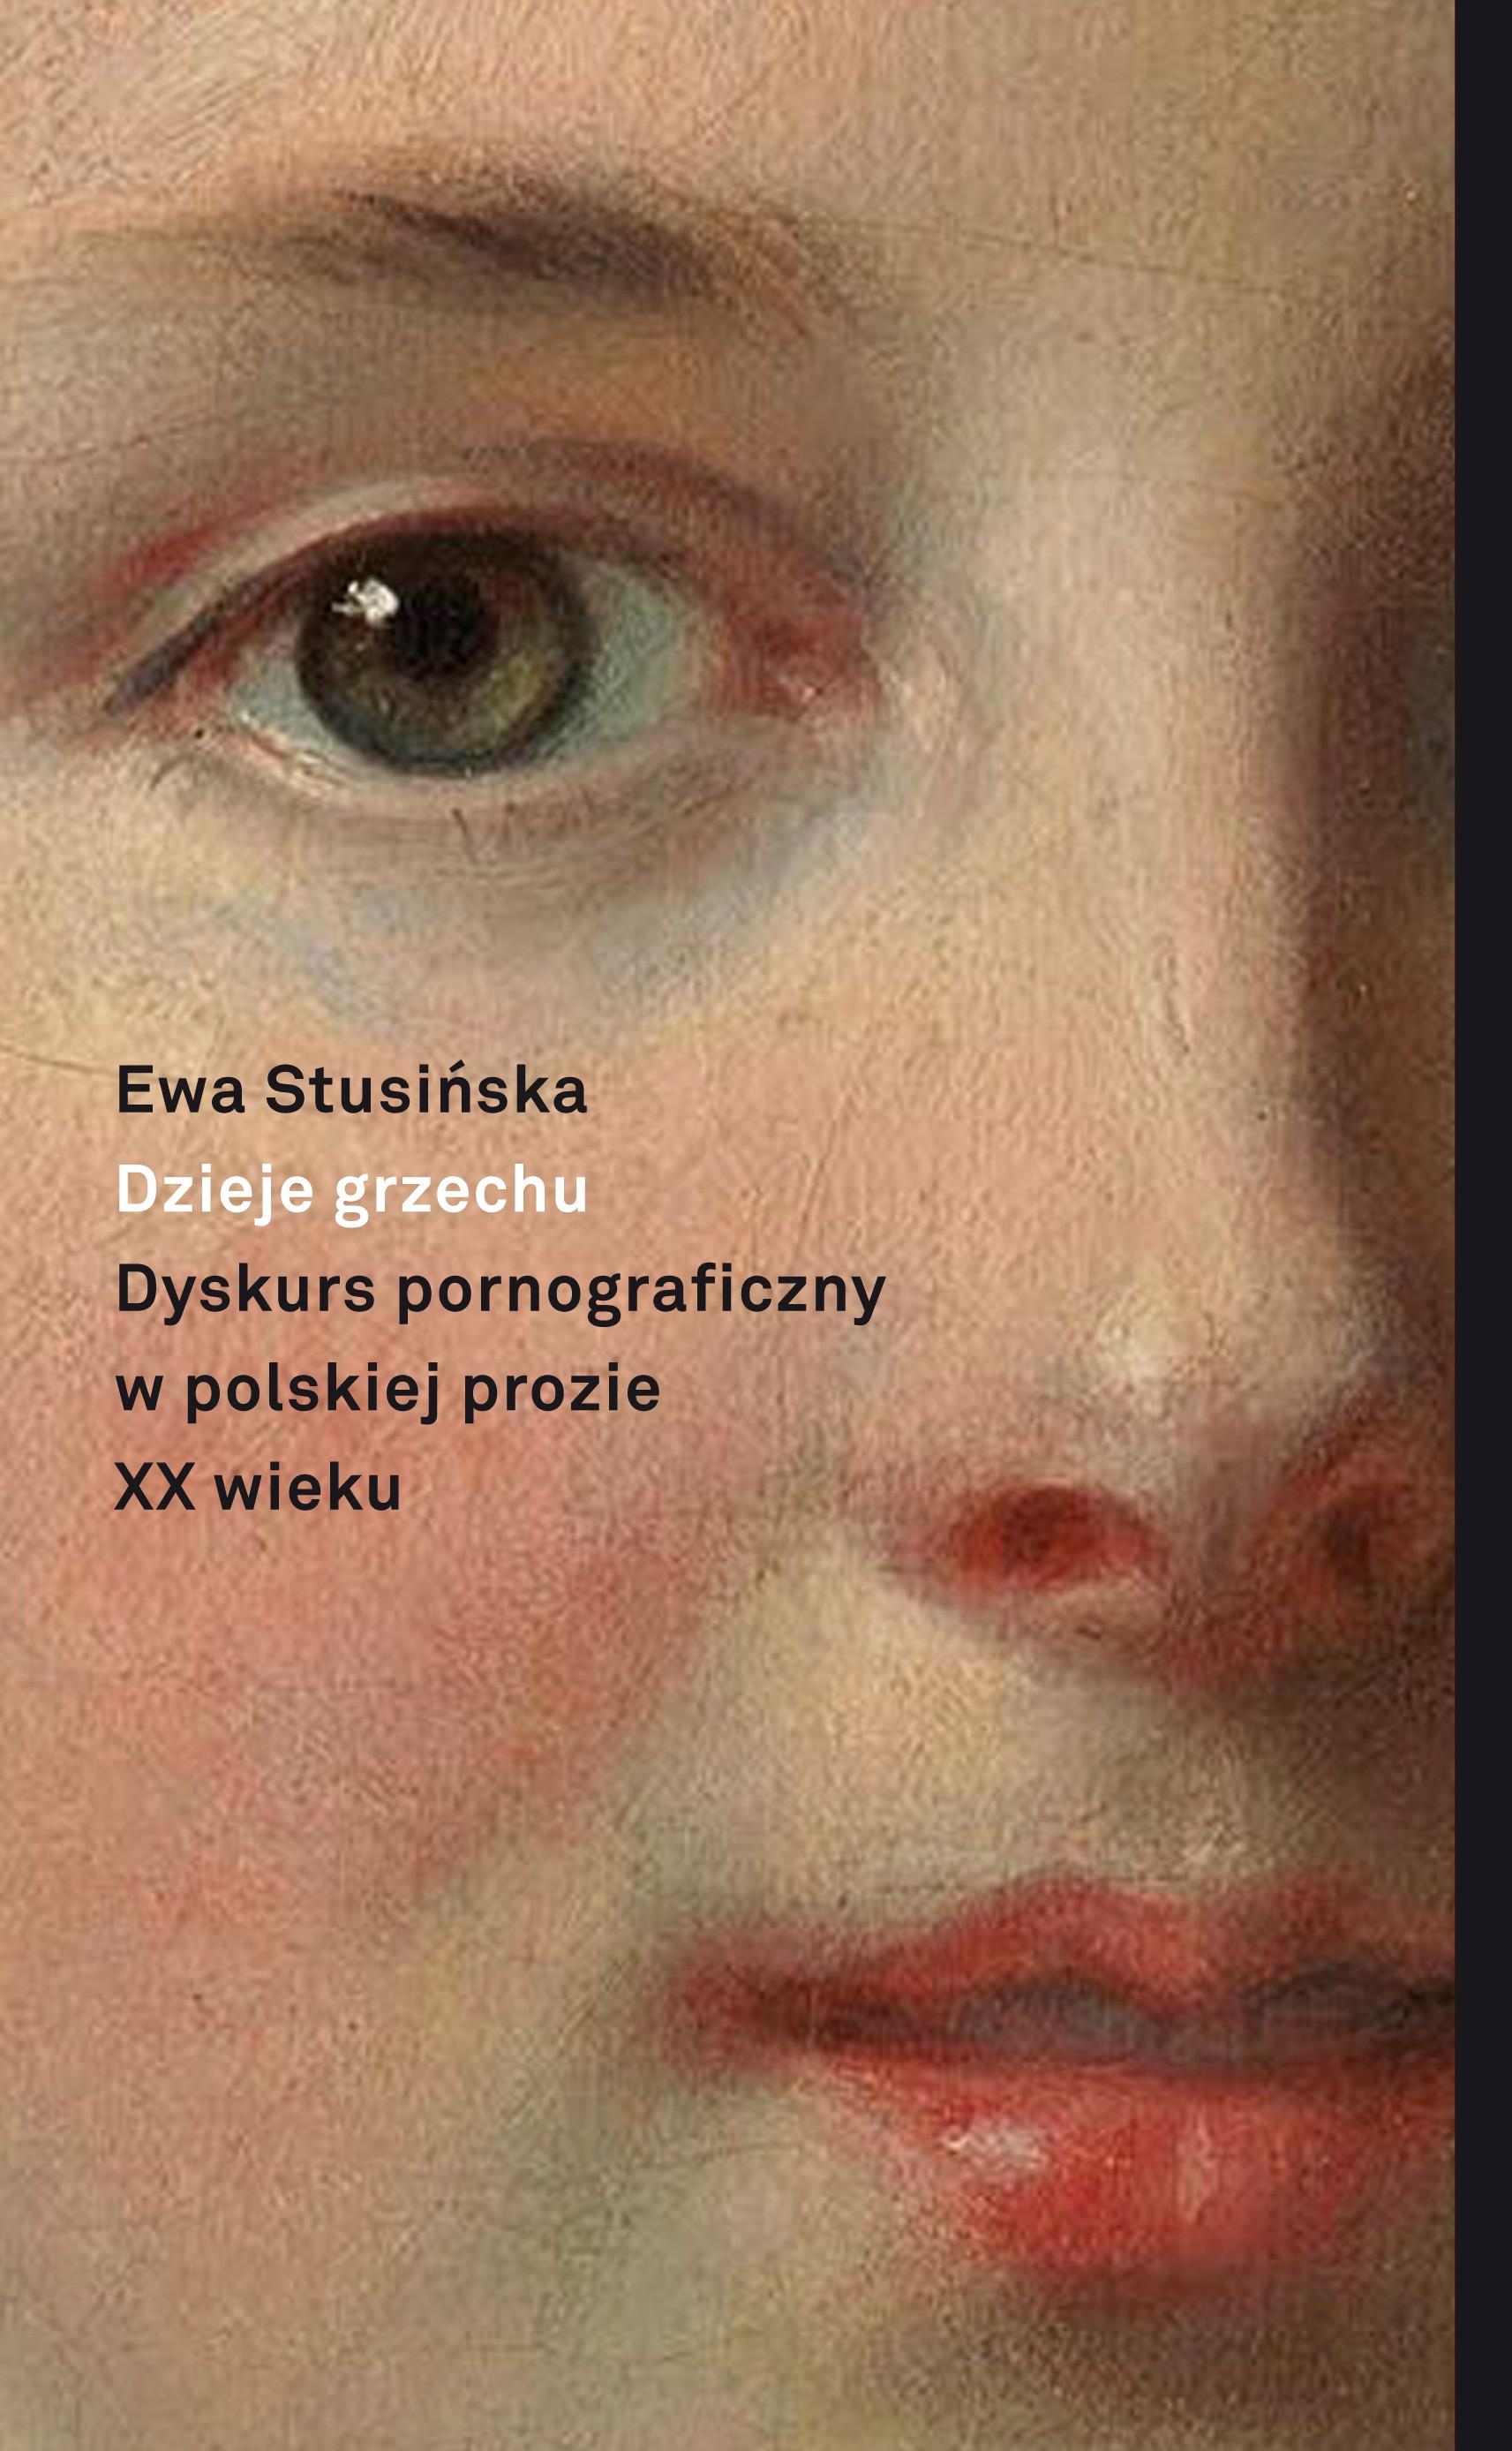 (e-book) Dzieje grzechu. Dyskurs pornograficzny w polskiej prozie XX wieku (na wybranych przykładach)